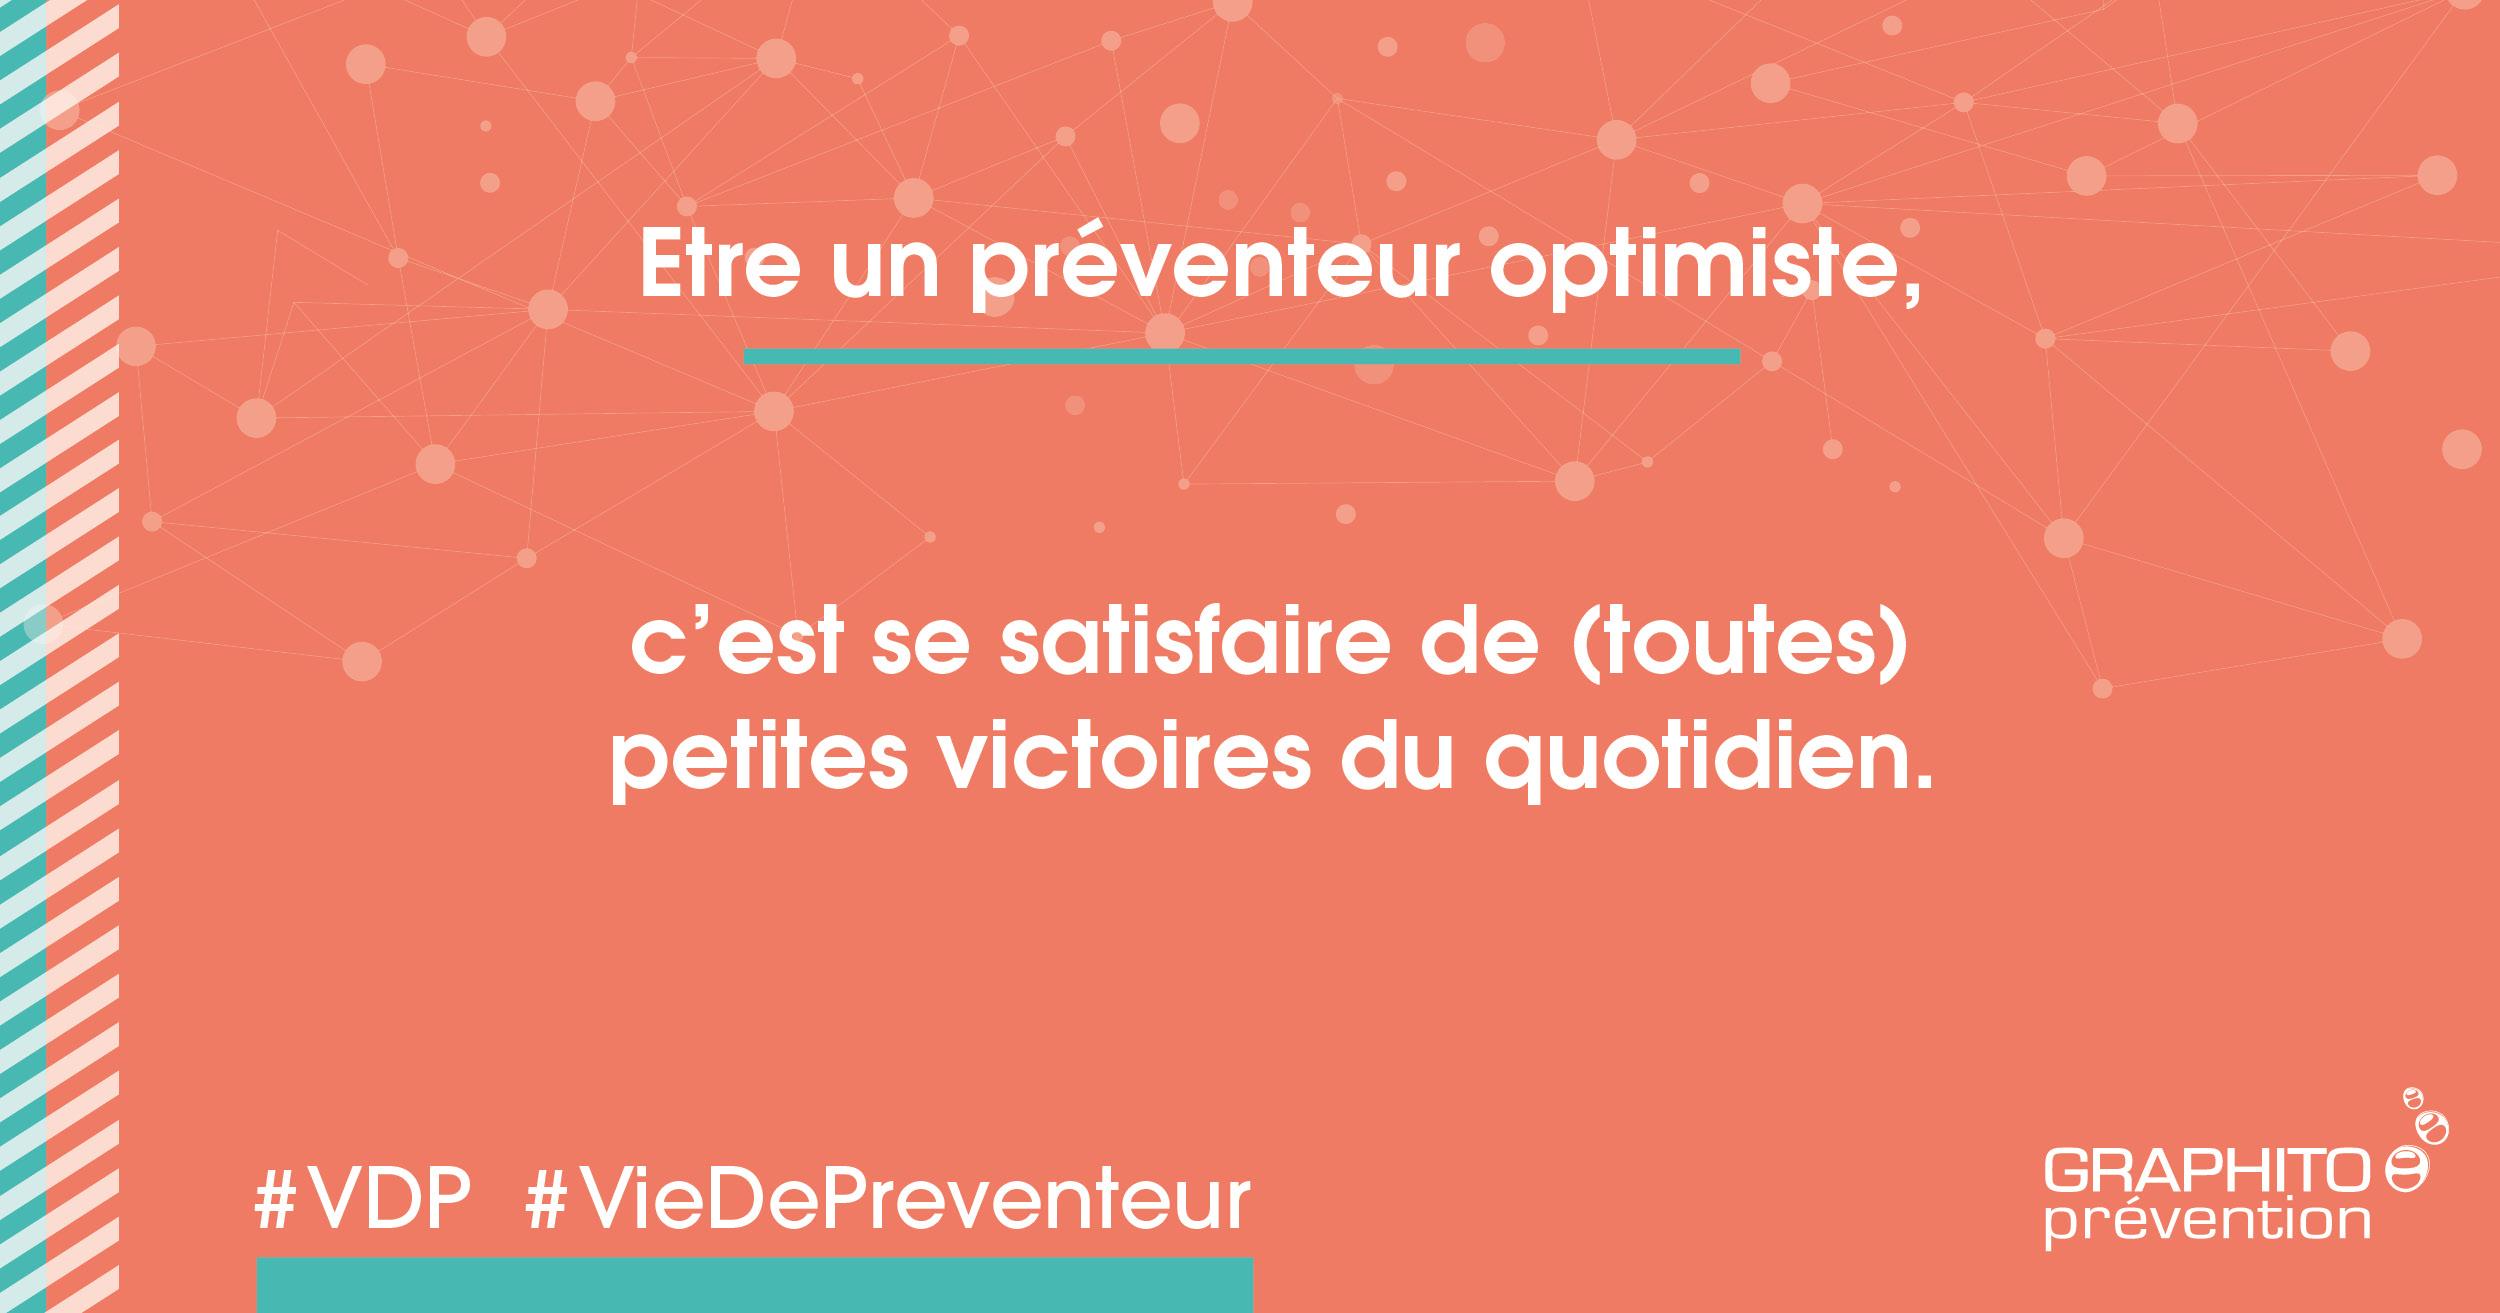 Etre un préventeur optimiste, c'est se satisfaire de (toutes) les petites victoires du quotidien